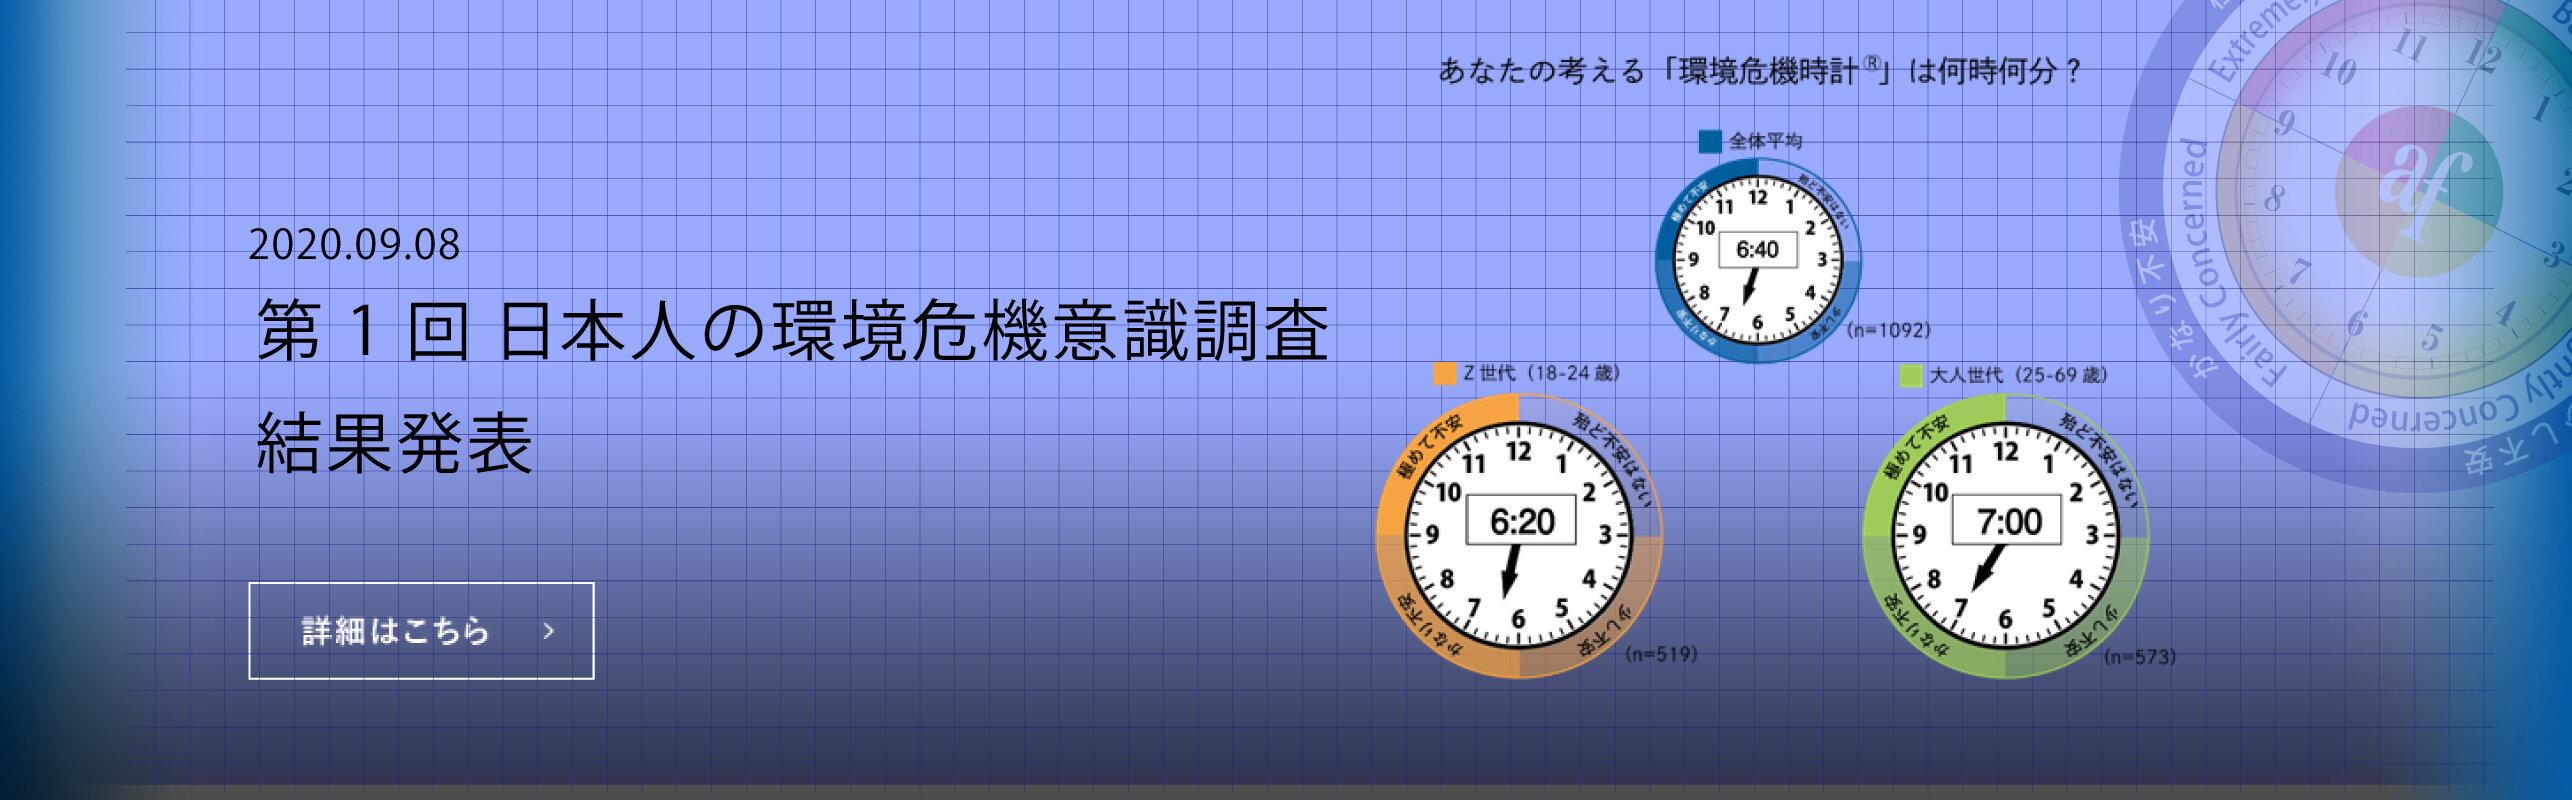 第1回 日本人の環境危機意識調査 結果発表